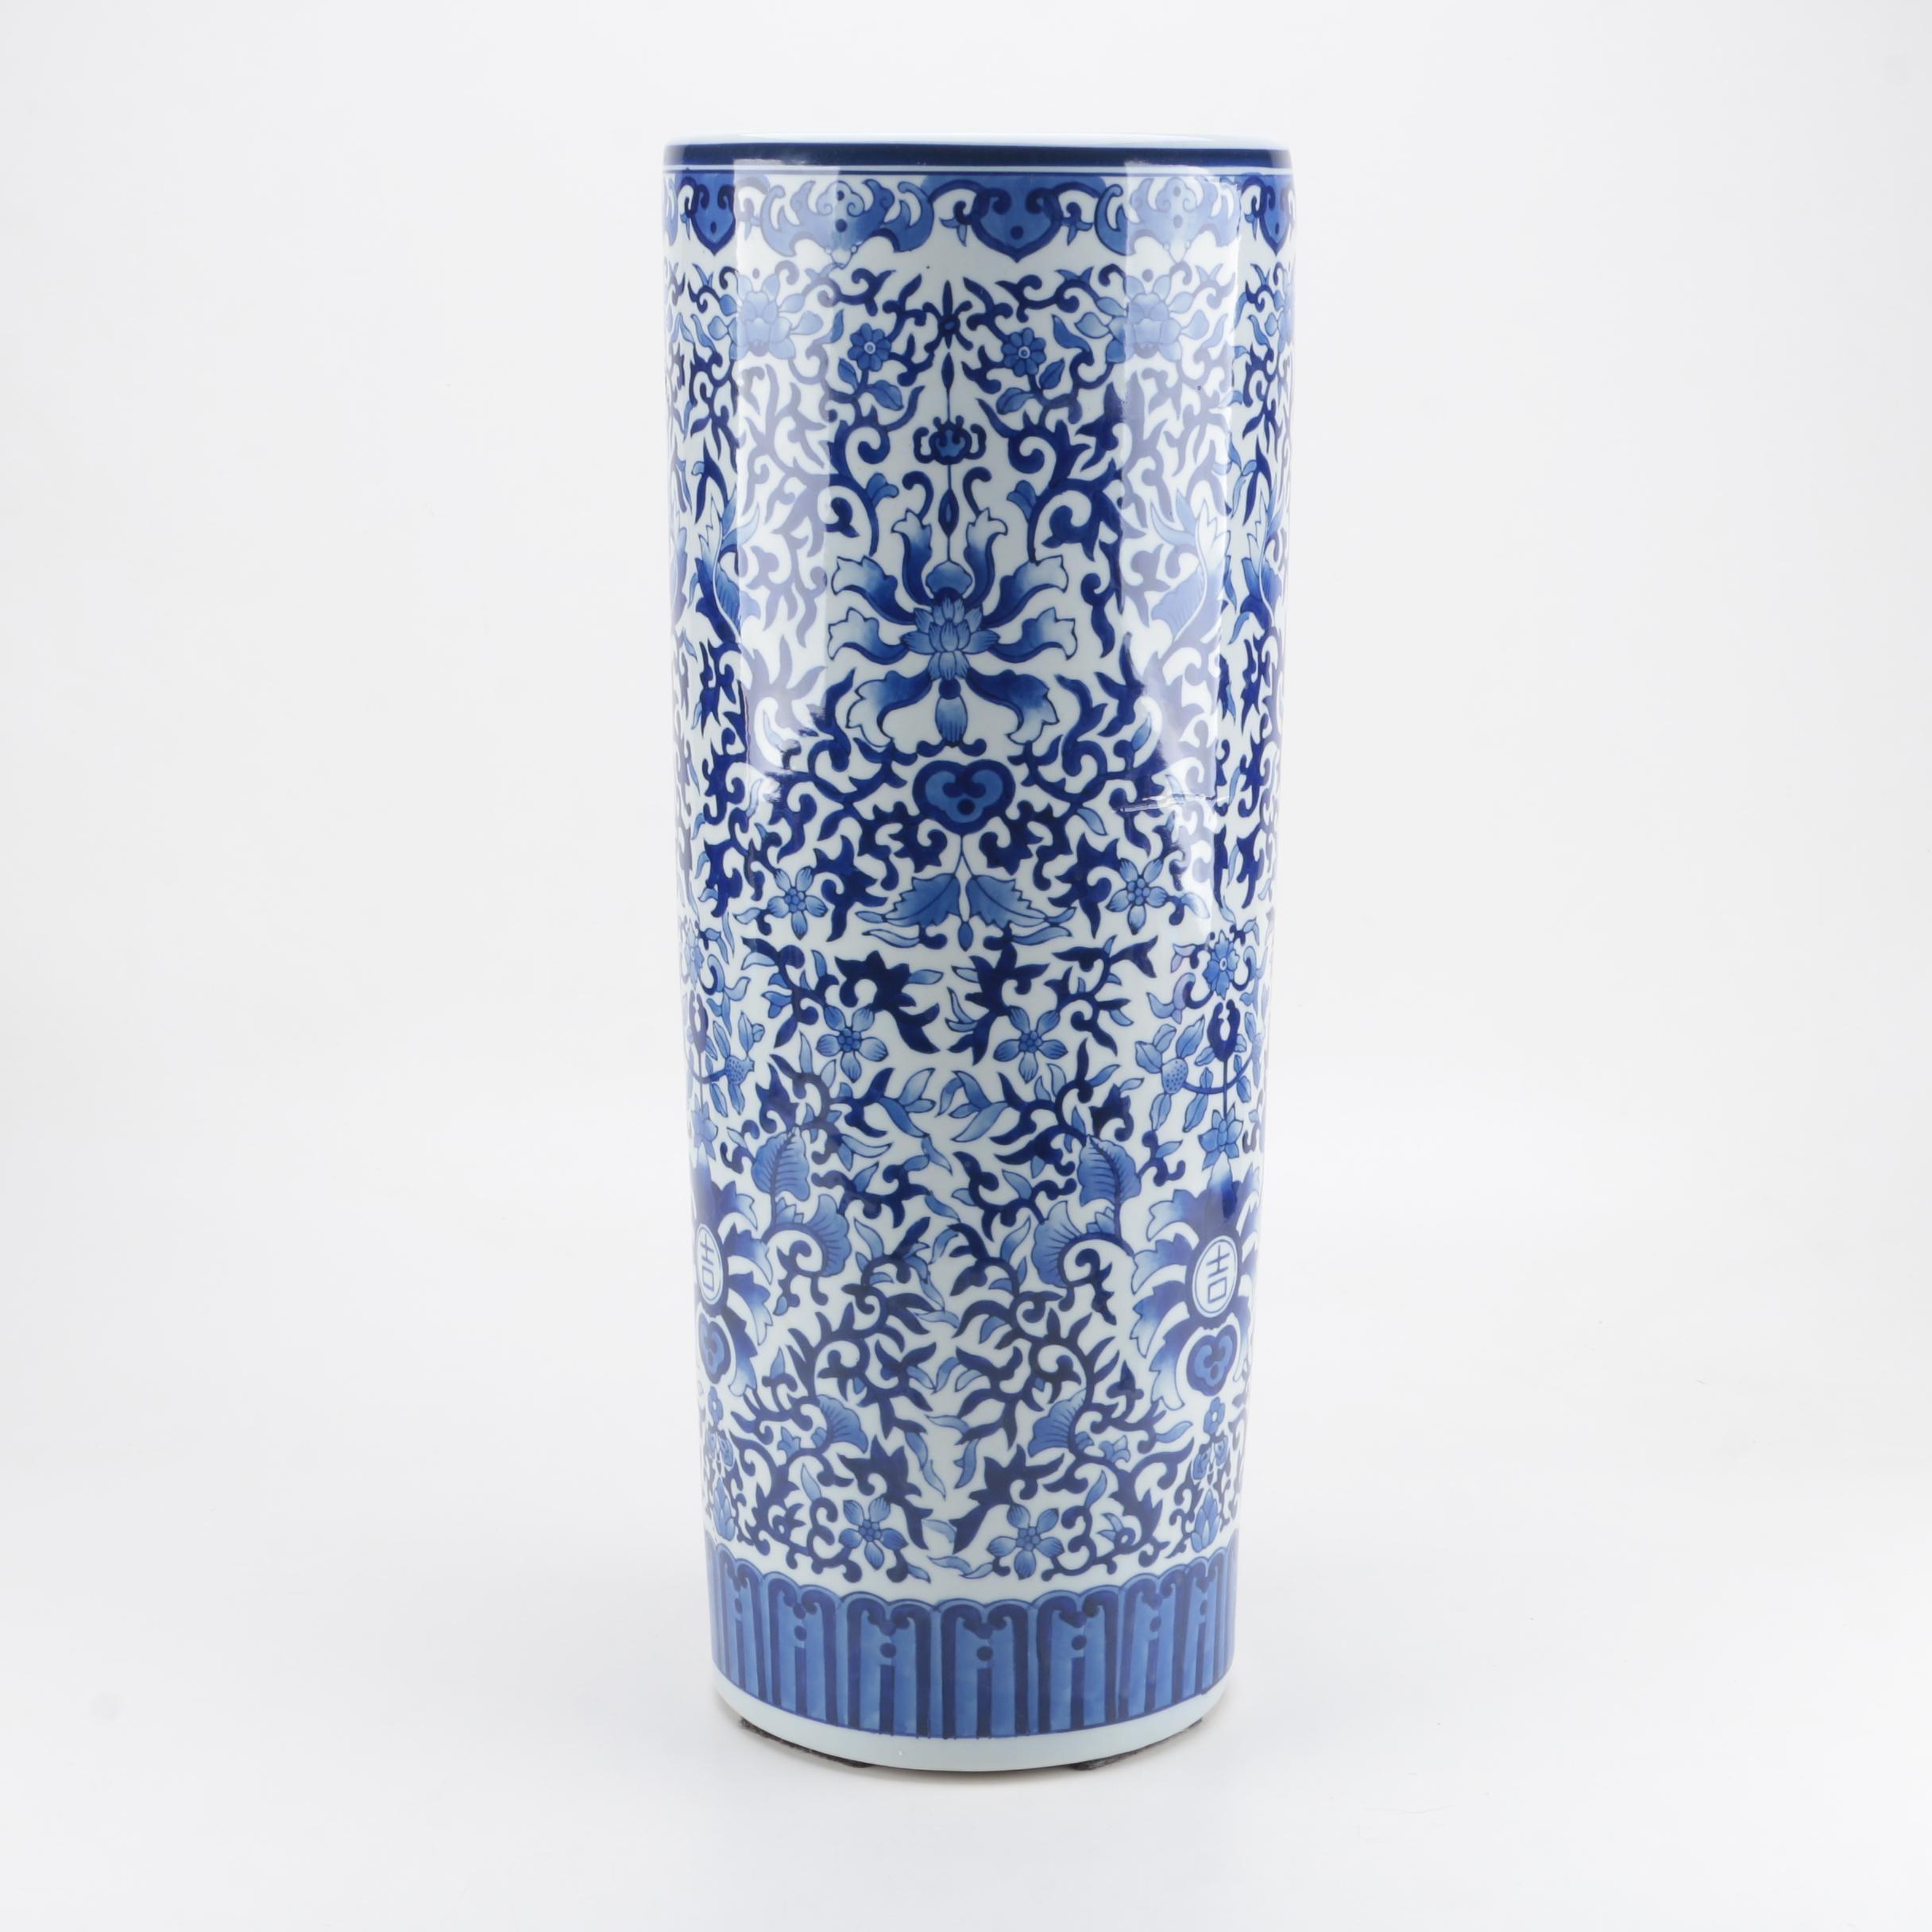 Bombay Company Blue and White Ceramic Umbrella Stand